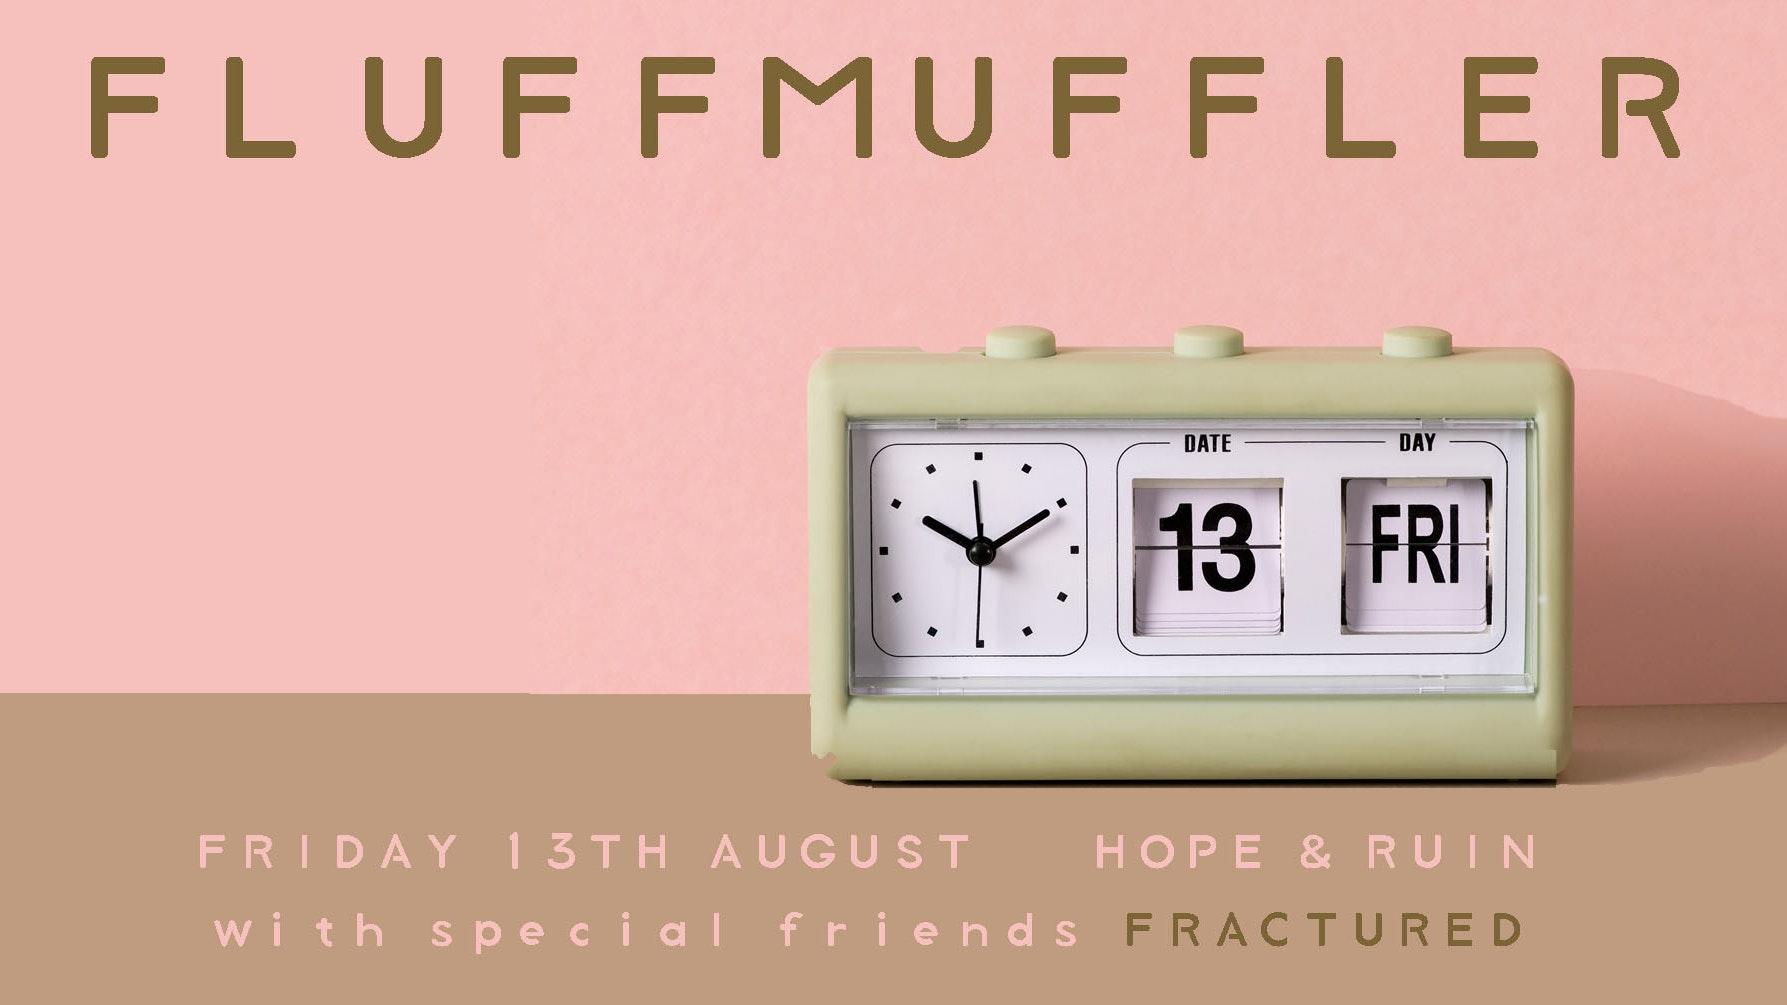 Fluffmuffler +  Fractured